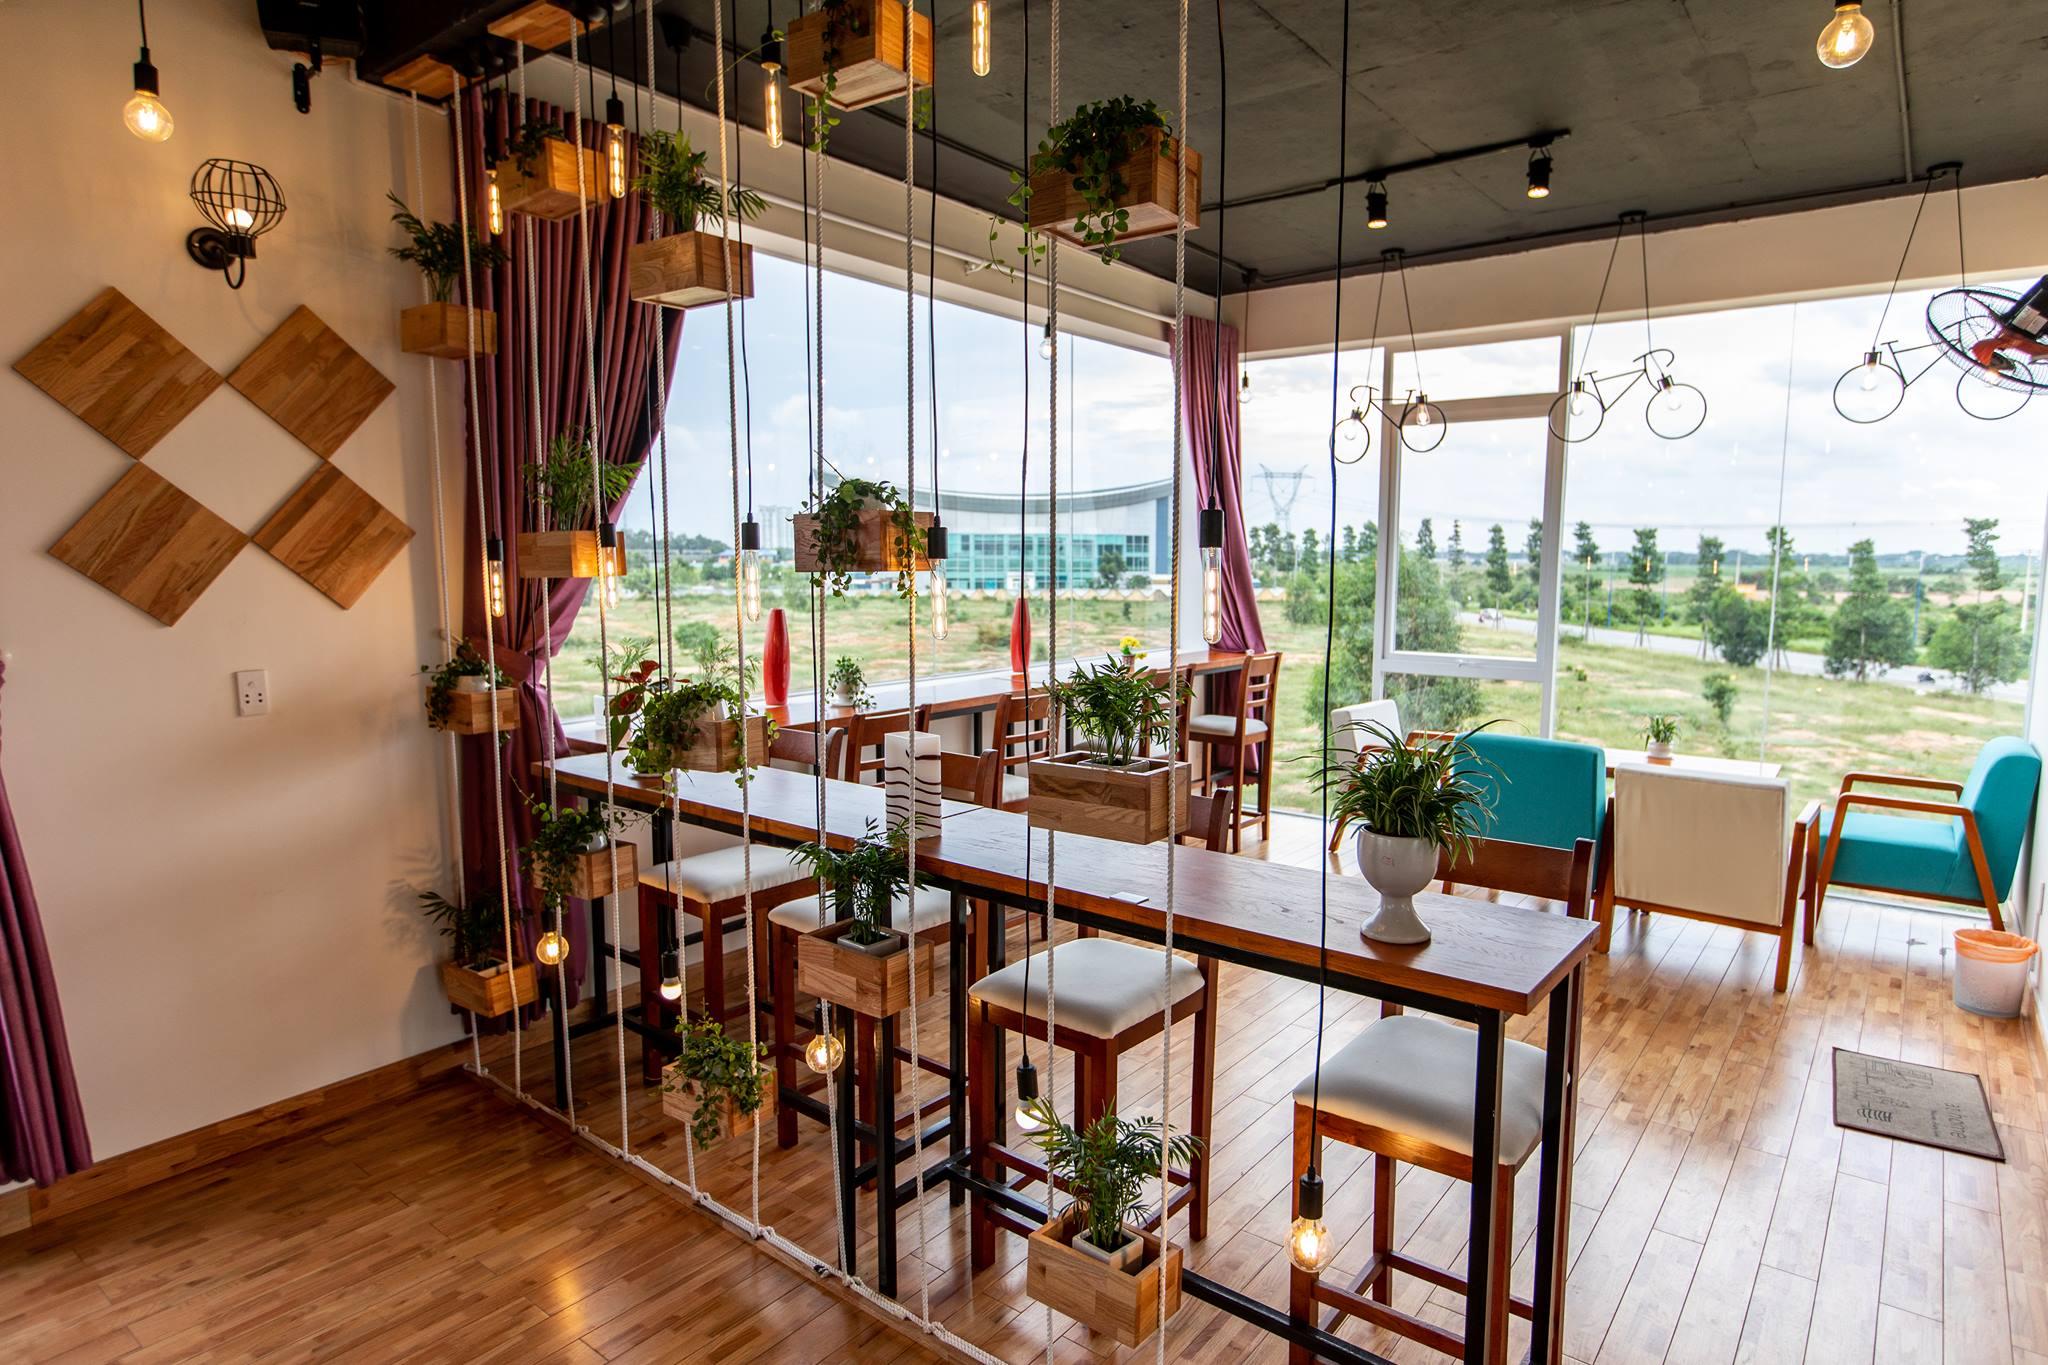 Hoàng Phúc Cafe được bố trí gần gũi với thiên nhiên, với những bộ ghế sofa màu xanh tựa màu lá cây, những chiếc bàn và ghế gỗ màu sắc nhẹ nhàng, tựa màu cát. Hình: Hoàng Phúc Cafe